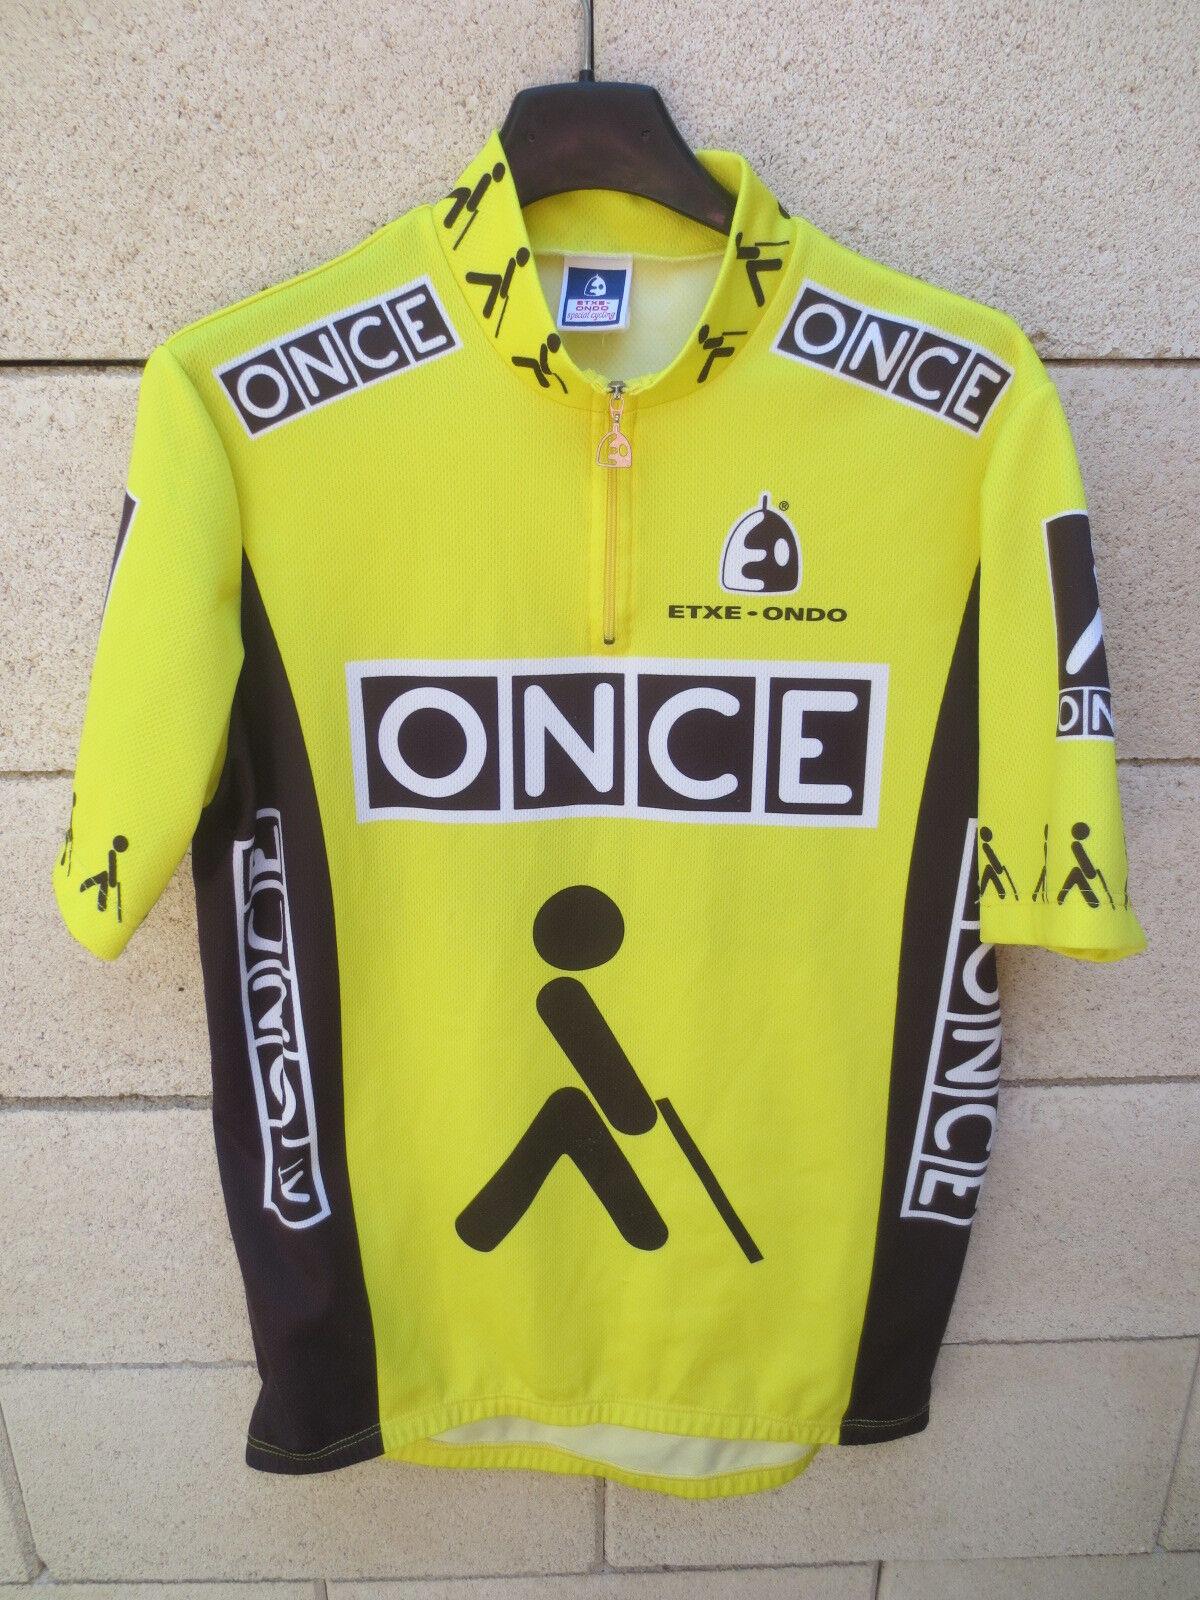 VINTAGE Maillot cycliste ONCE Tour de France 97 camiseta shirt JALABERT XXL